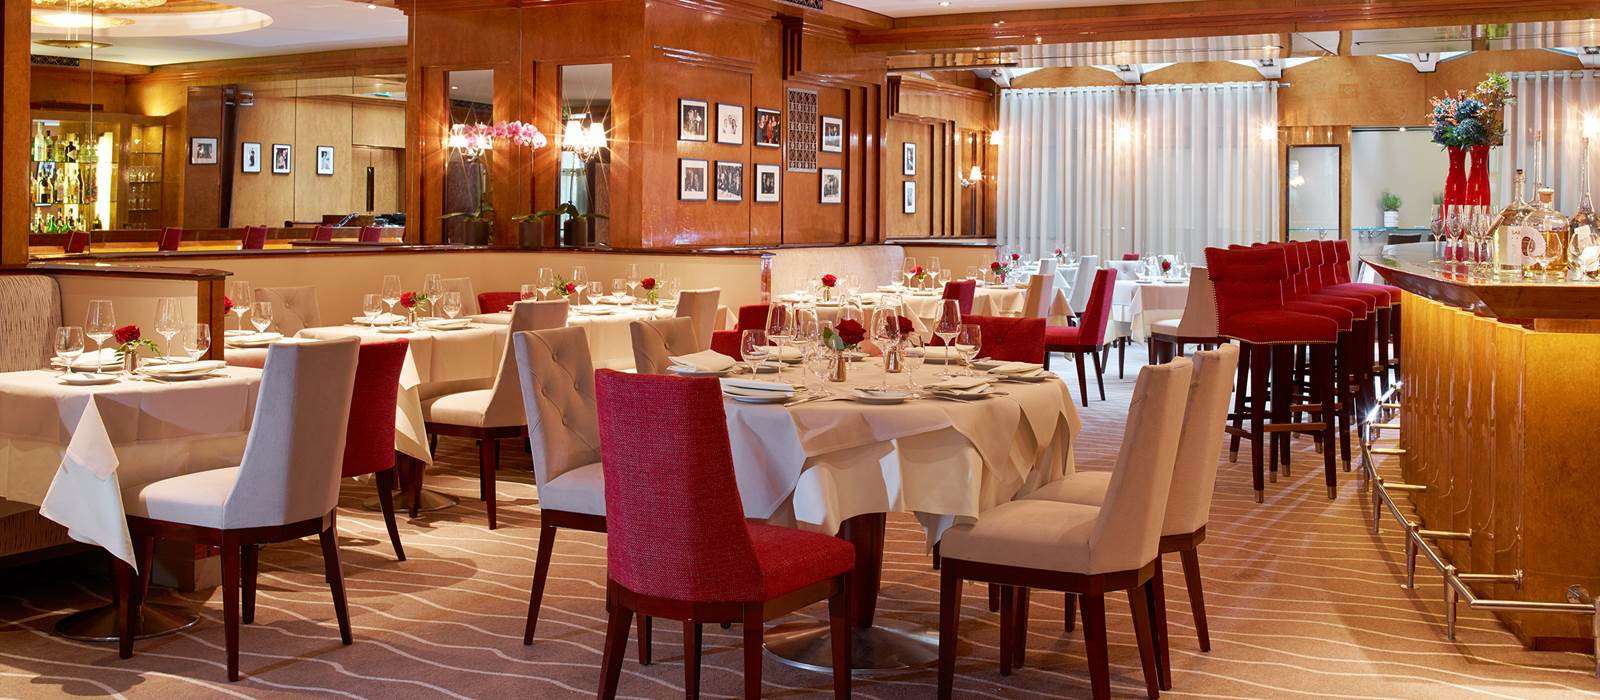 5 star boutique hotel de vigny luxury boutique hotels paris - Boutique michelin paris ...